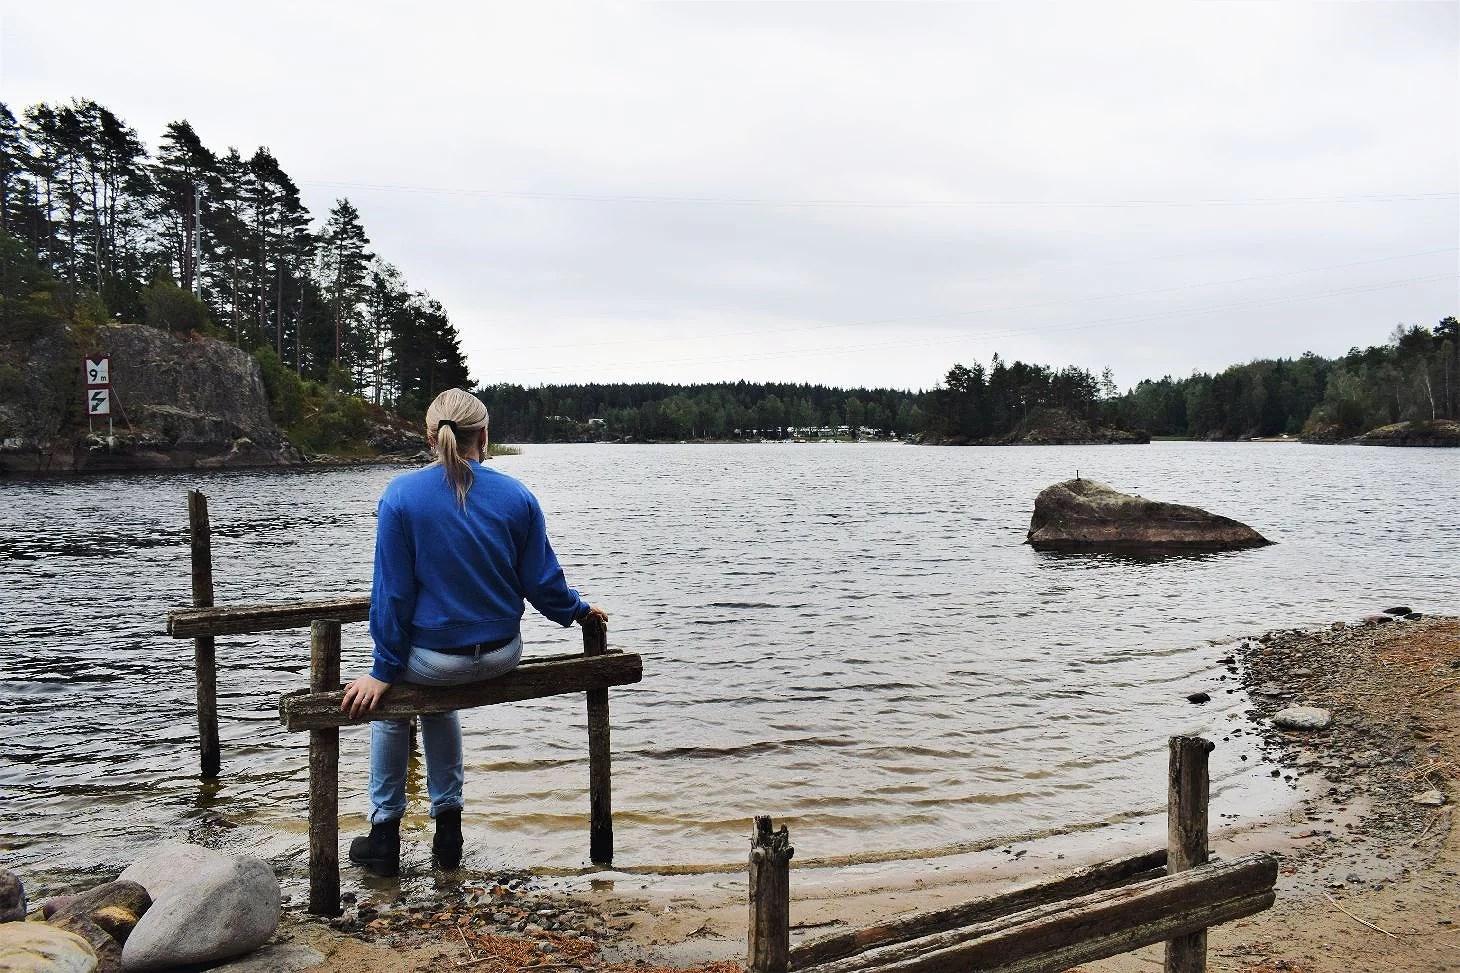 OCH SÅ VAR DENNA DAG ÖVER OCKSÅ